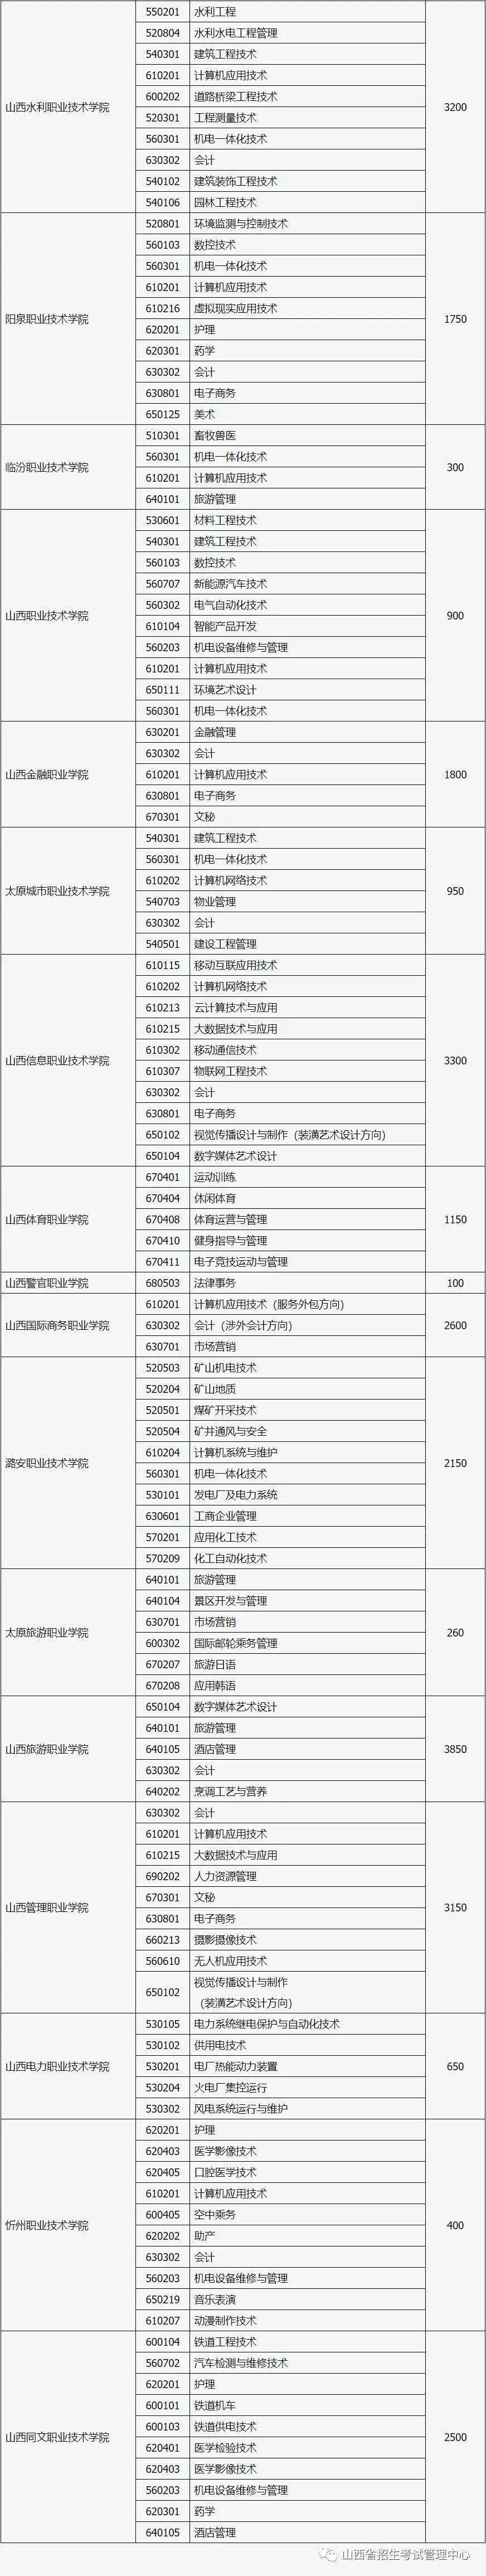 山西省2020年高职院校扩招专项工作有关事项的通知 (含口腔医学)(图2)